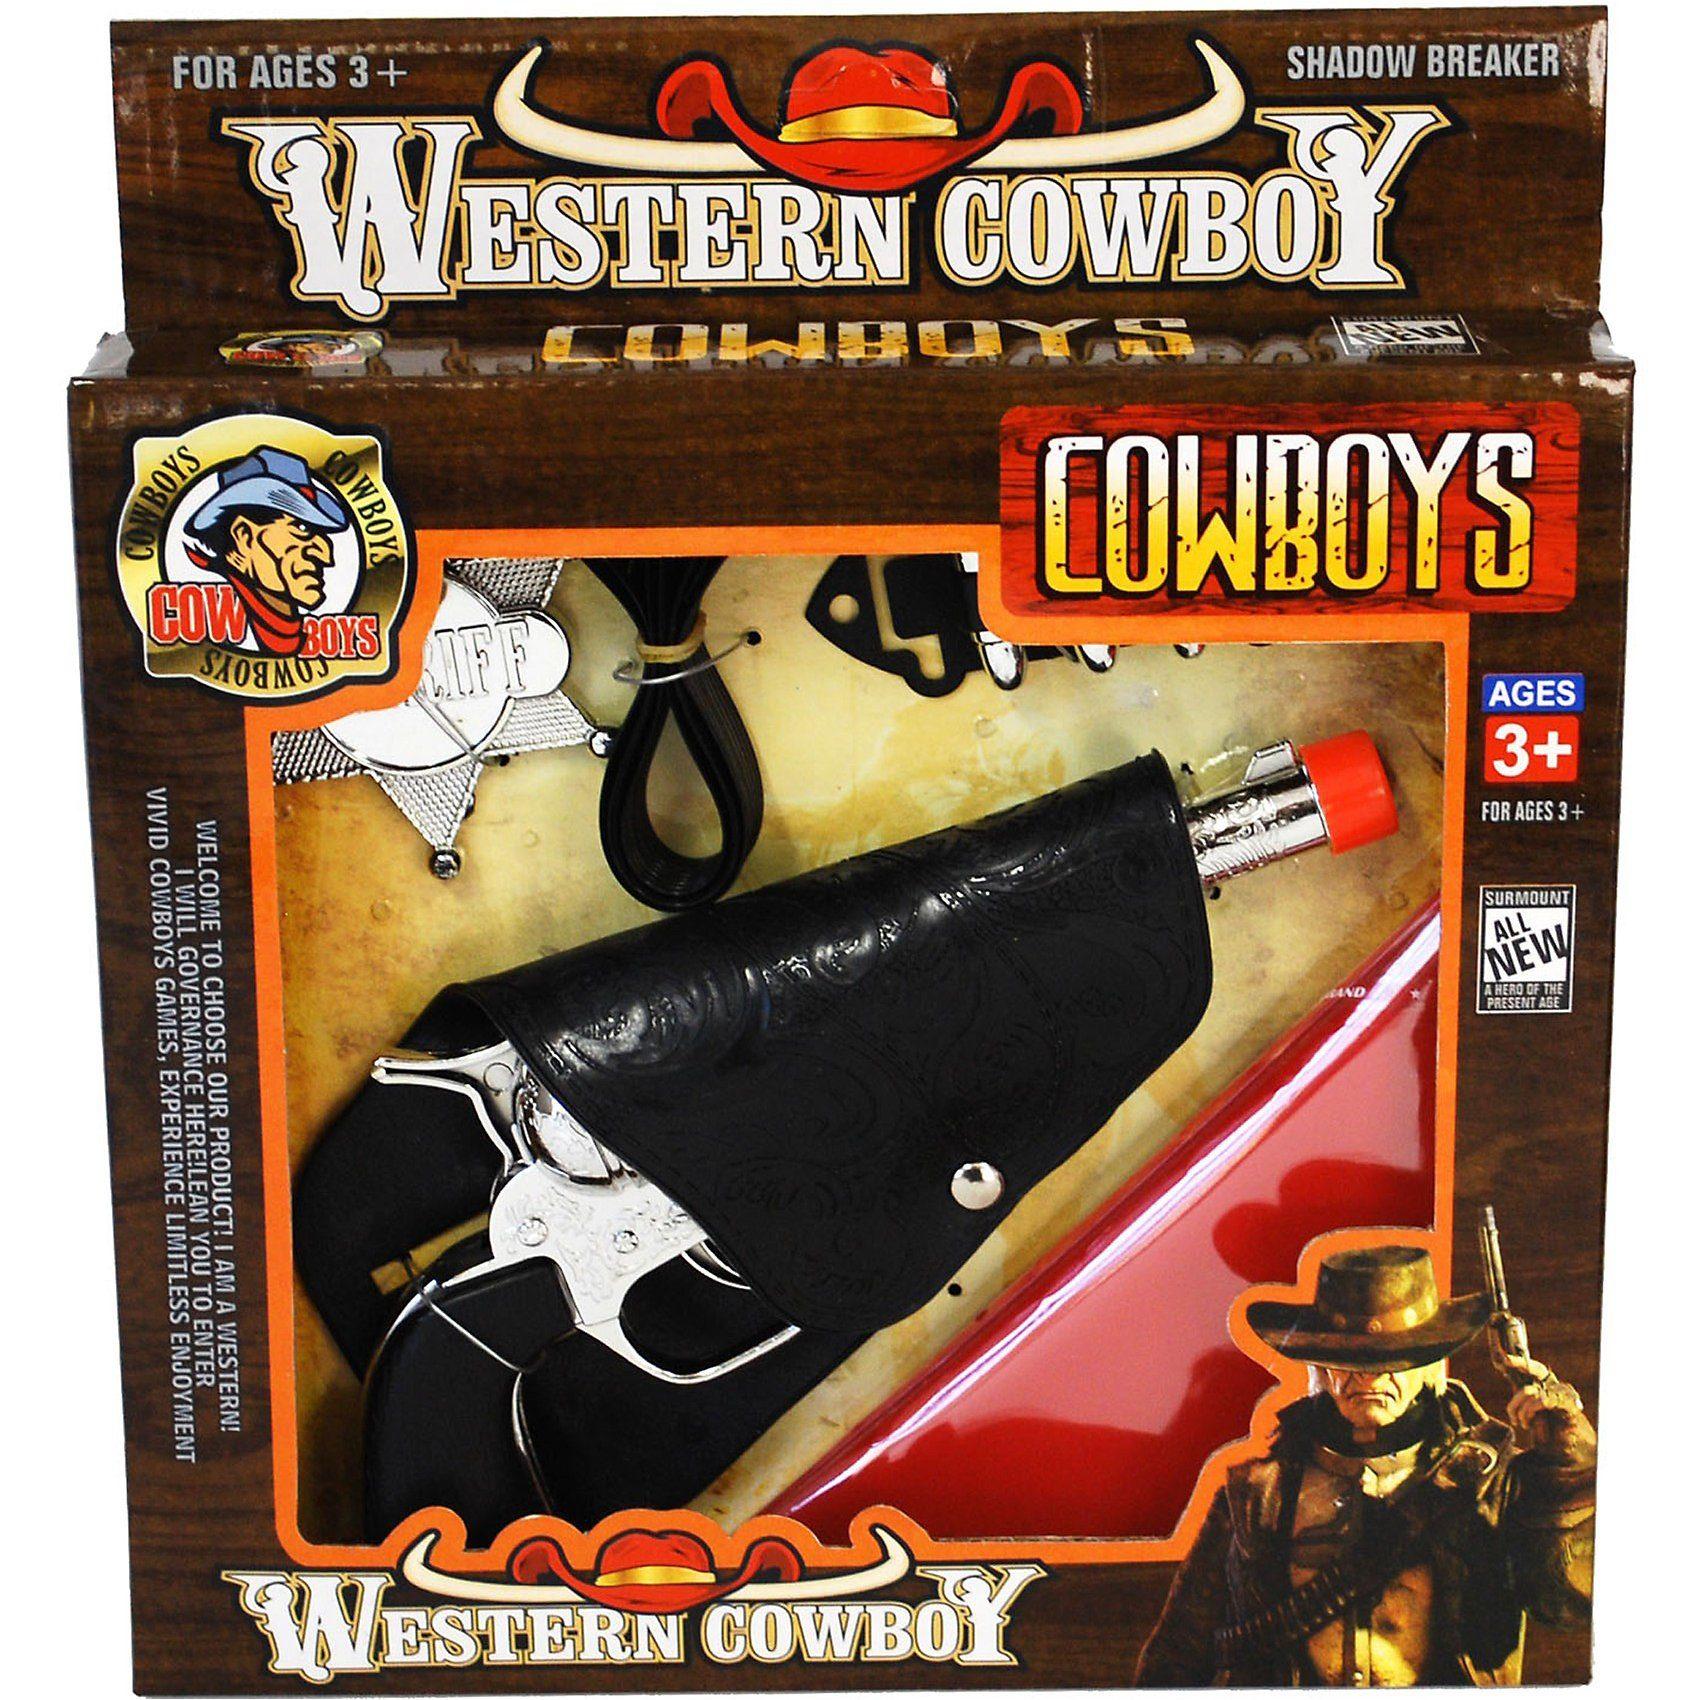 Funny Fashion Cowboy Revolver, Stern und Munition